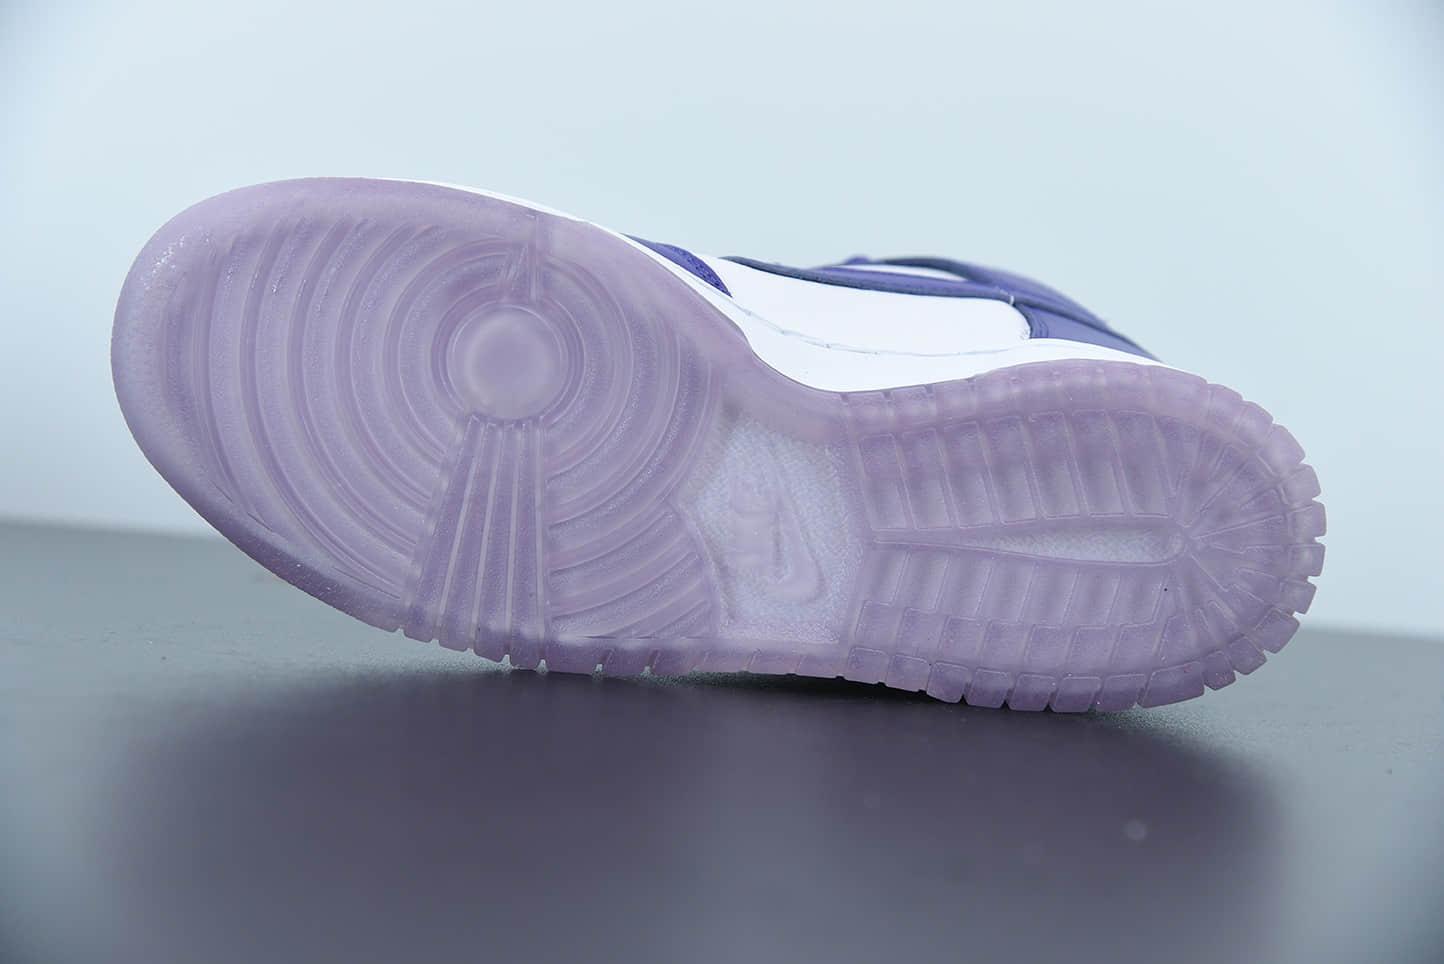 耐克Nike SB Dunk High Varsity Purple 扣篮系列白紫配色复古高帮休闲运动滑板鞋纯原版本 货号:DC5382-100